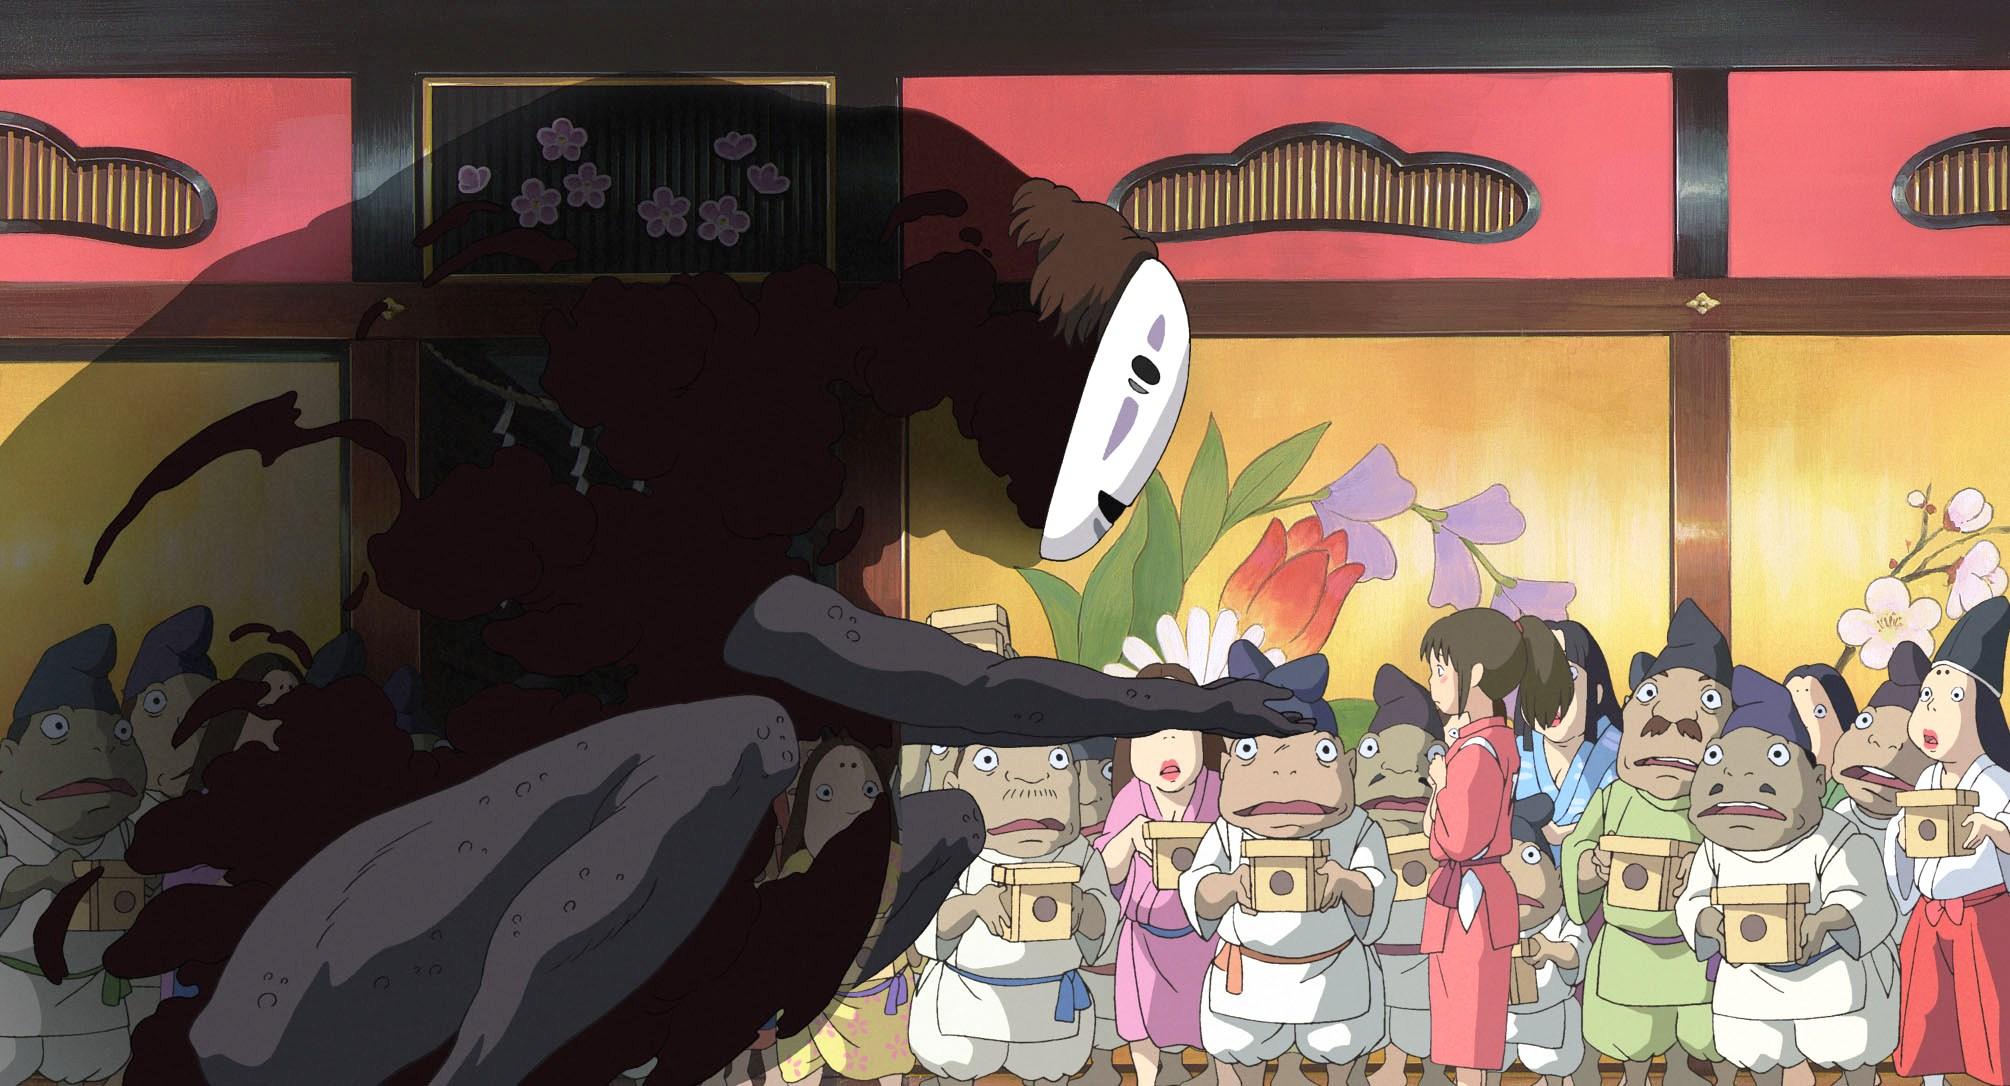 Sen.to.Chihiro.no.Kamikakushi.full.178945.jpg